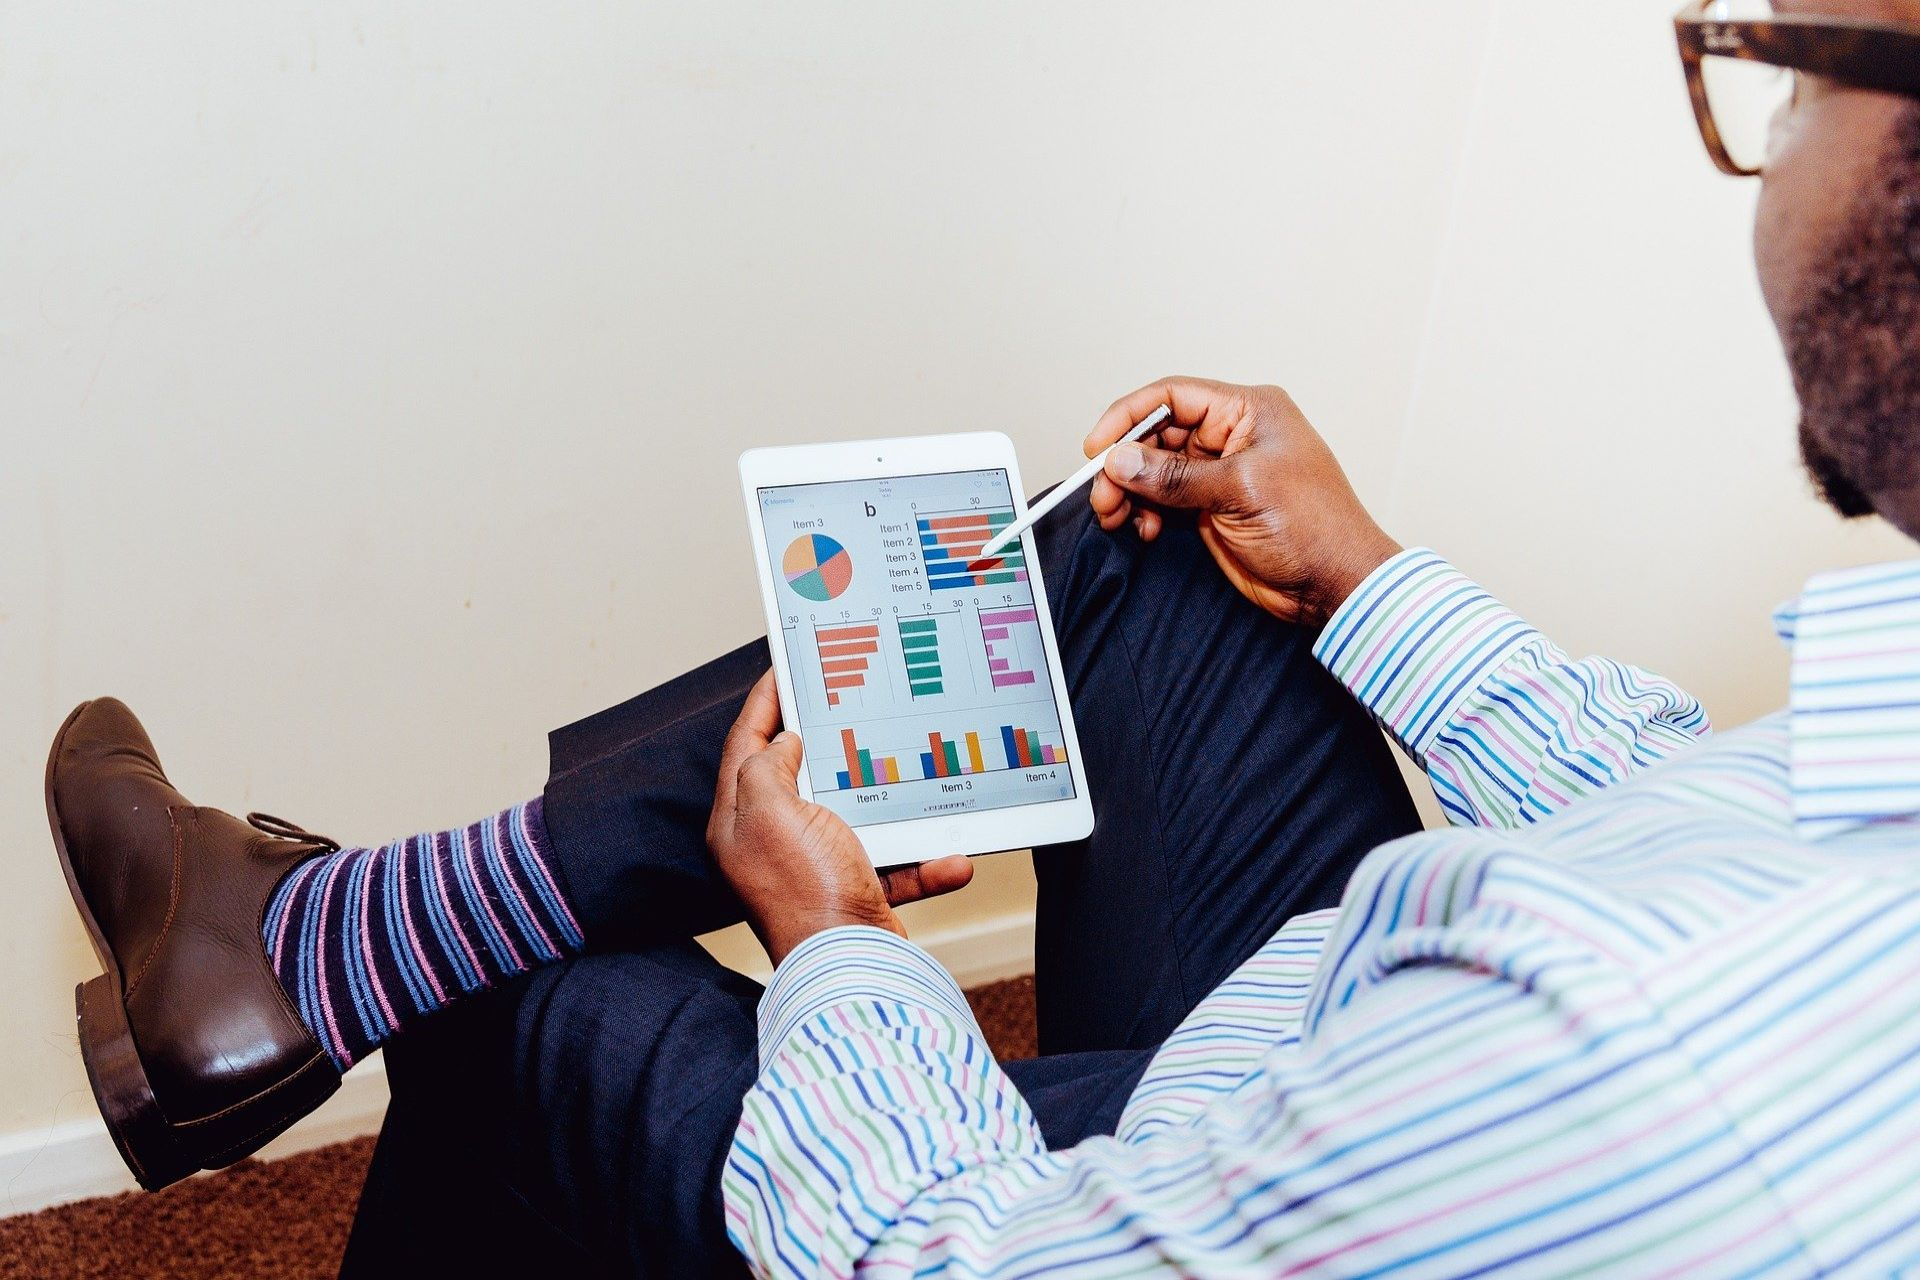 株式銘柄をファンダメンタルズ分析でスクリーニングするのに便利な定番サイト